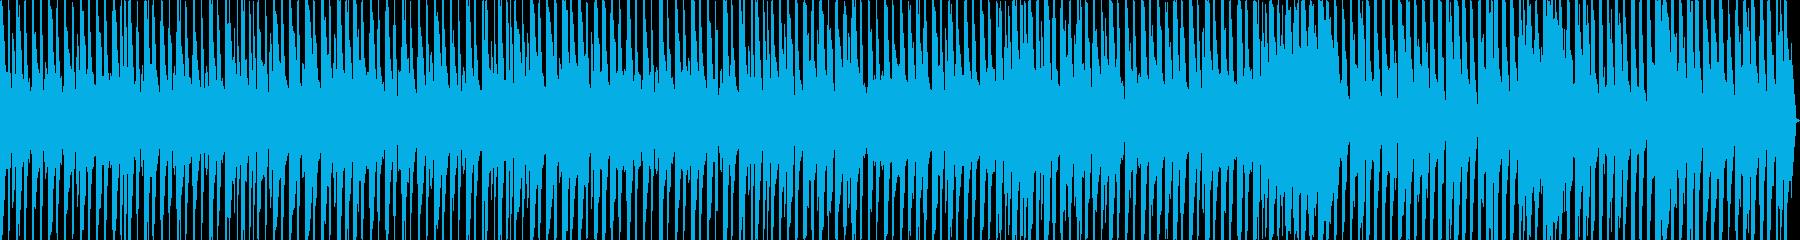 きらっとした楽しげなBGMの再生済みの波形